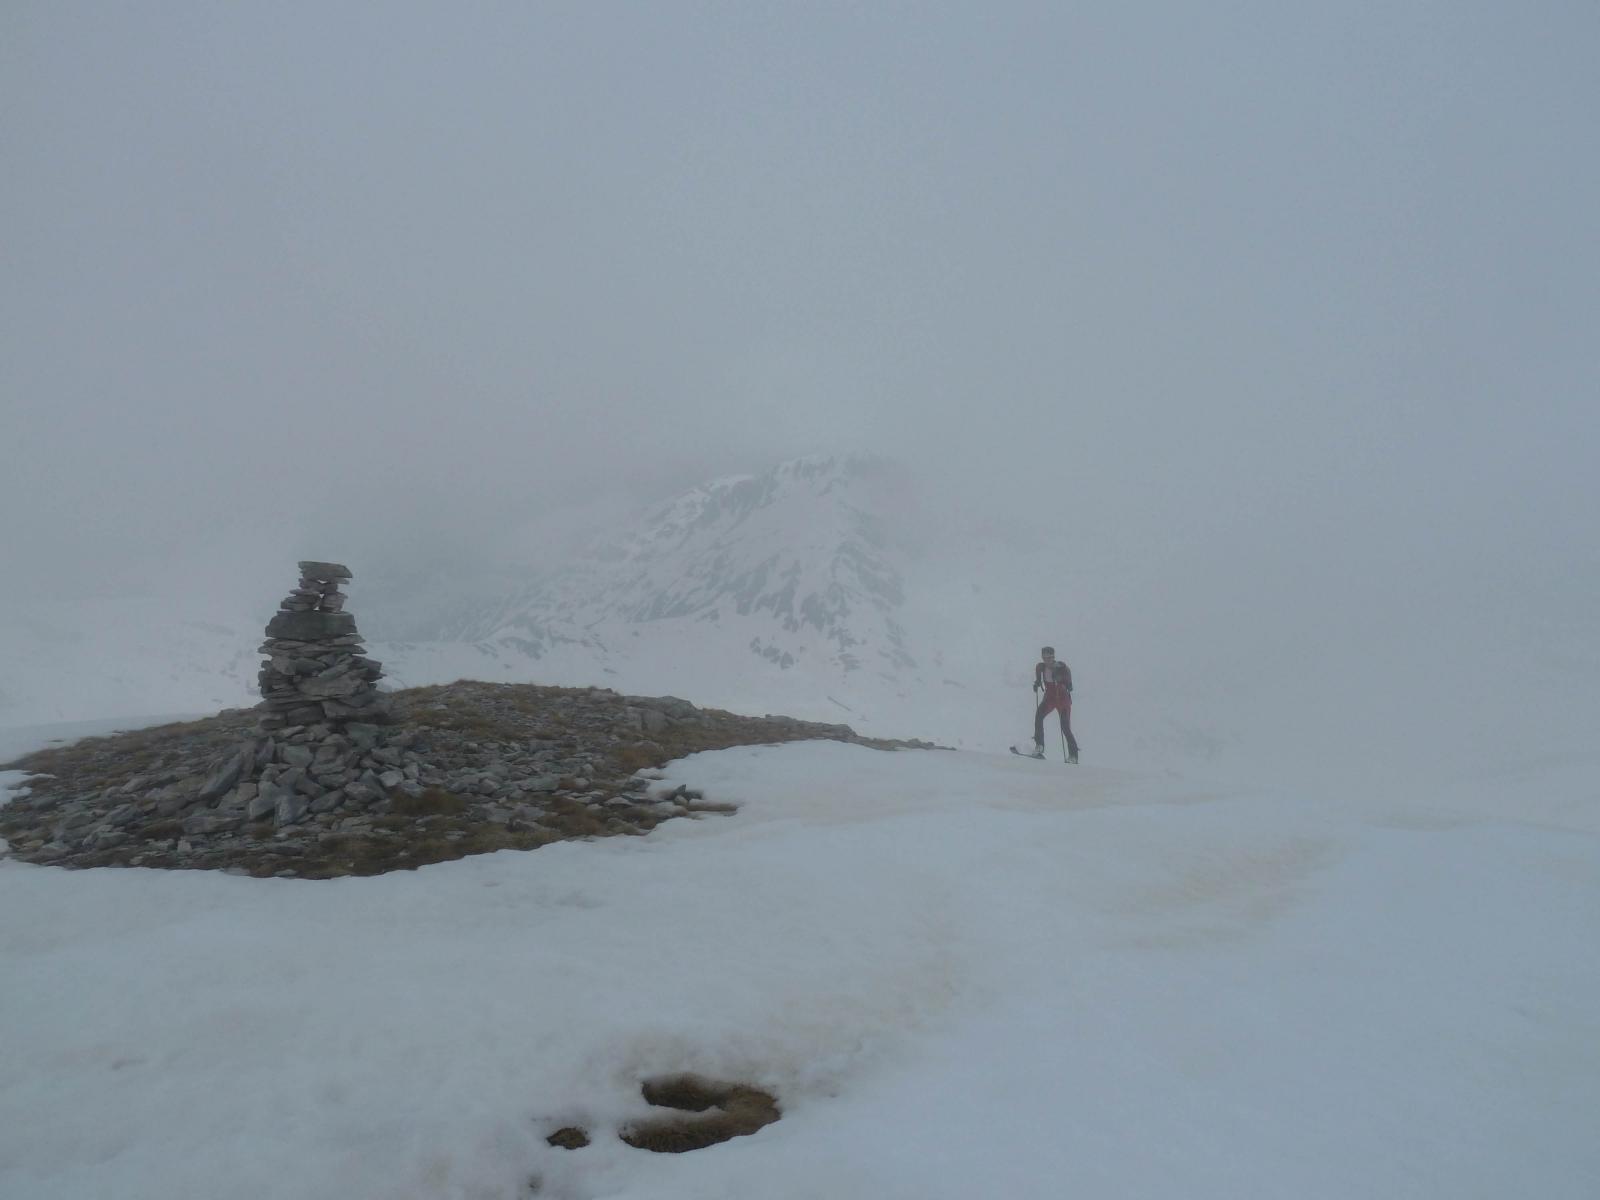 Arrivo in cima assieme alla nebbia (che sfortuna!!)